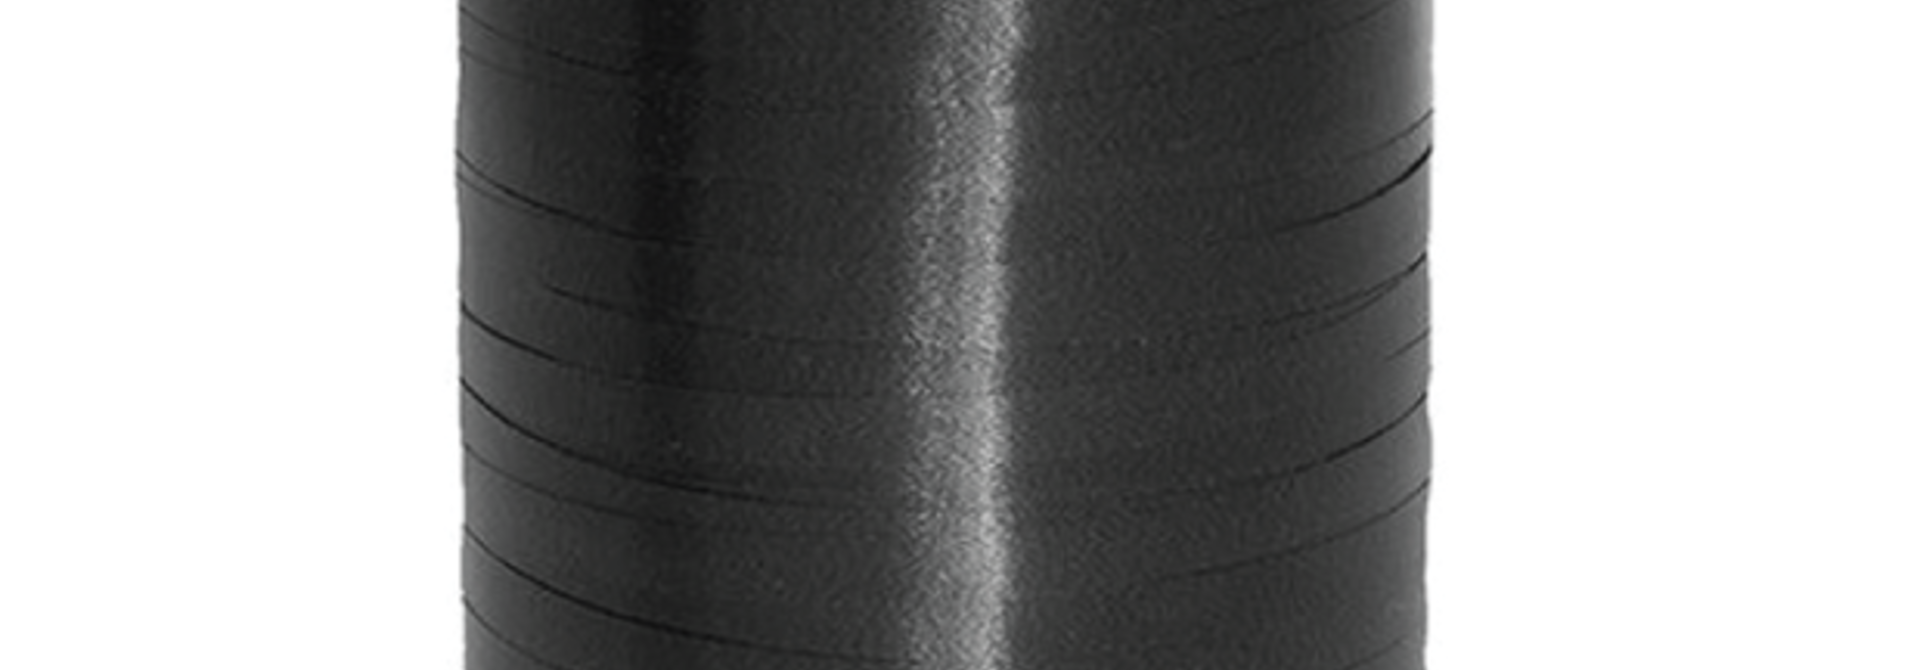 Ballonlint zwart 5 mm (500 m)